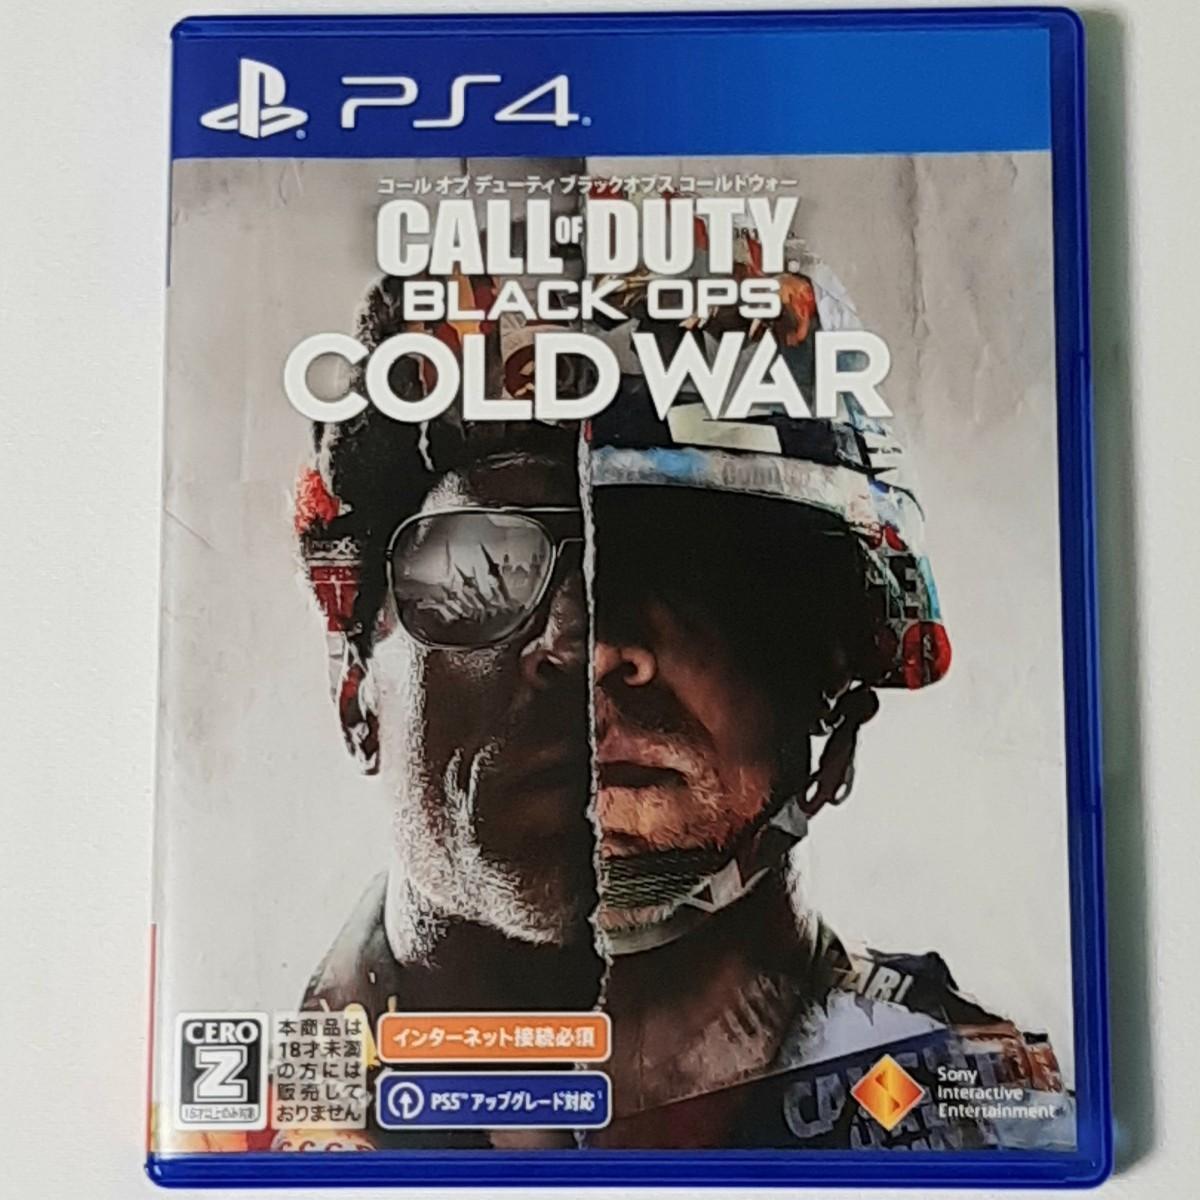 【PS4】 コール オブ デューティ ブラックオプス コールドウォー call of duty cold war cod